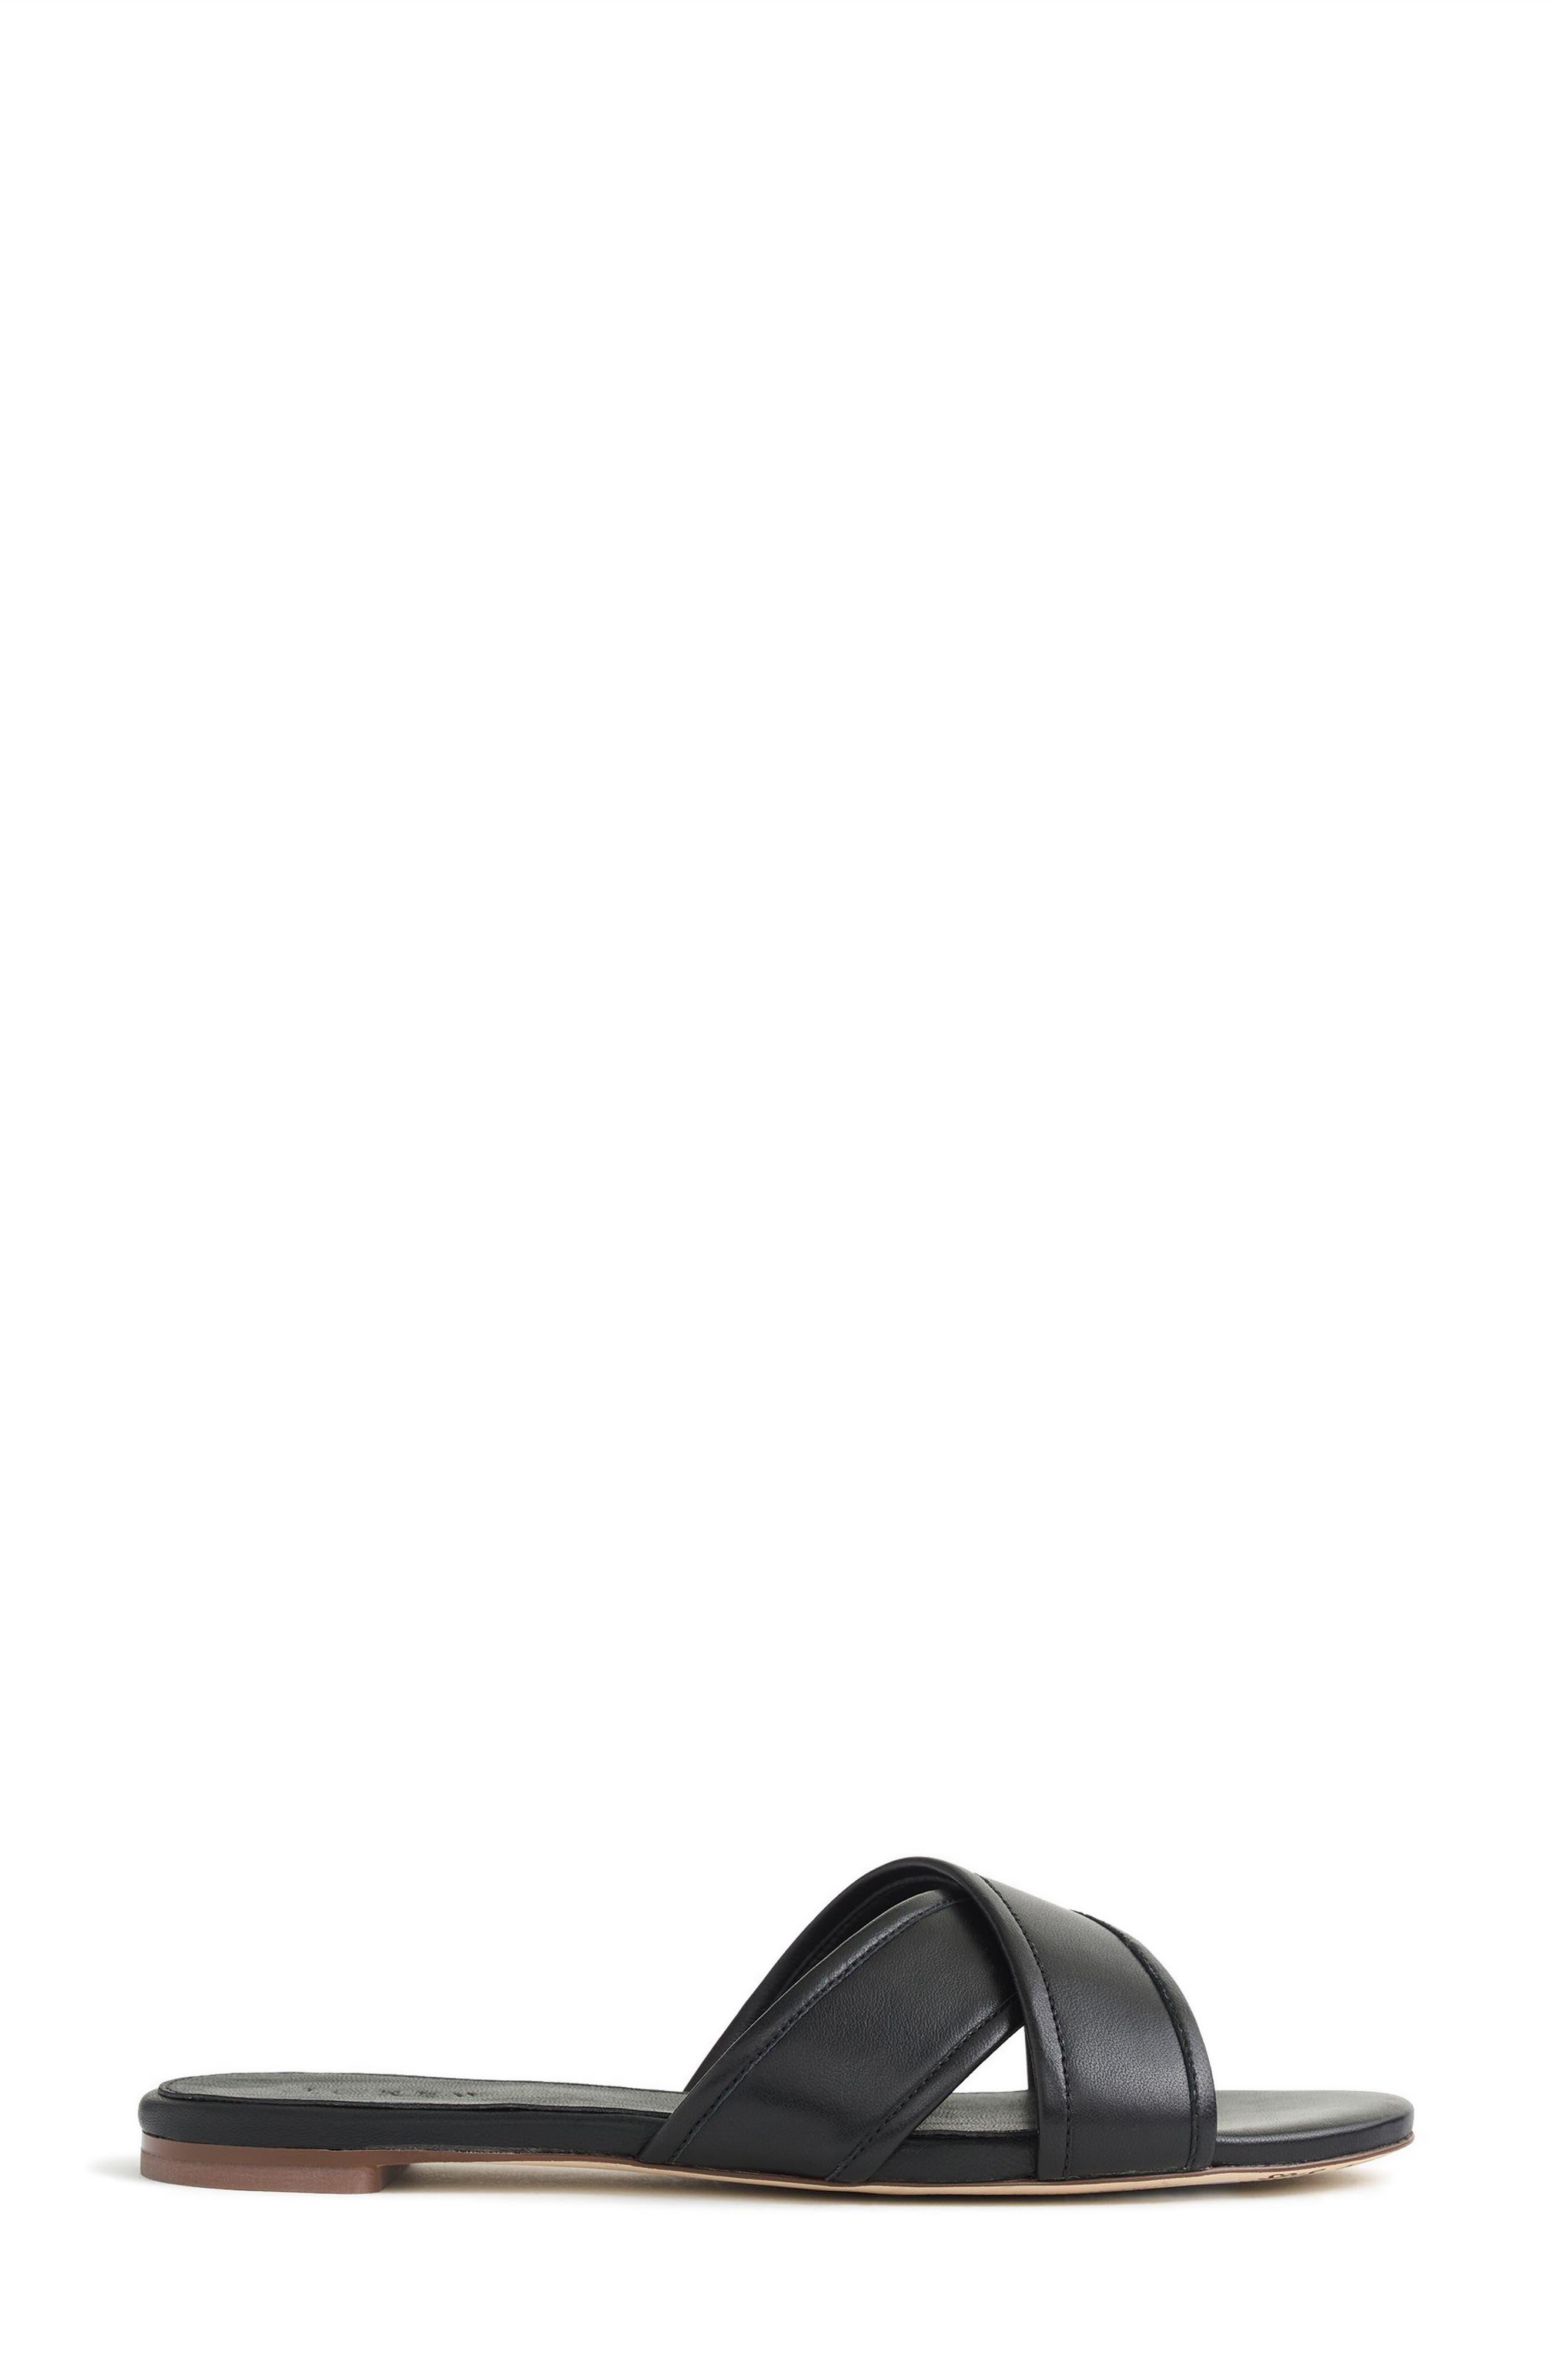 J.Crew Cora Slide Sandal,                             Alternate thumbnail 2, color,                             Black Fabric